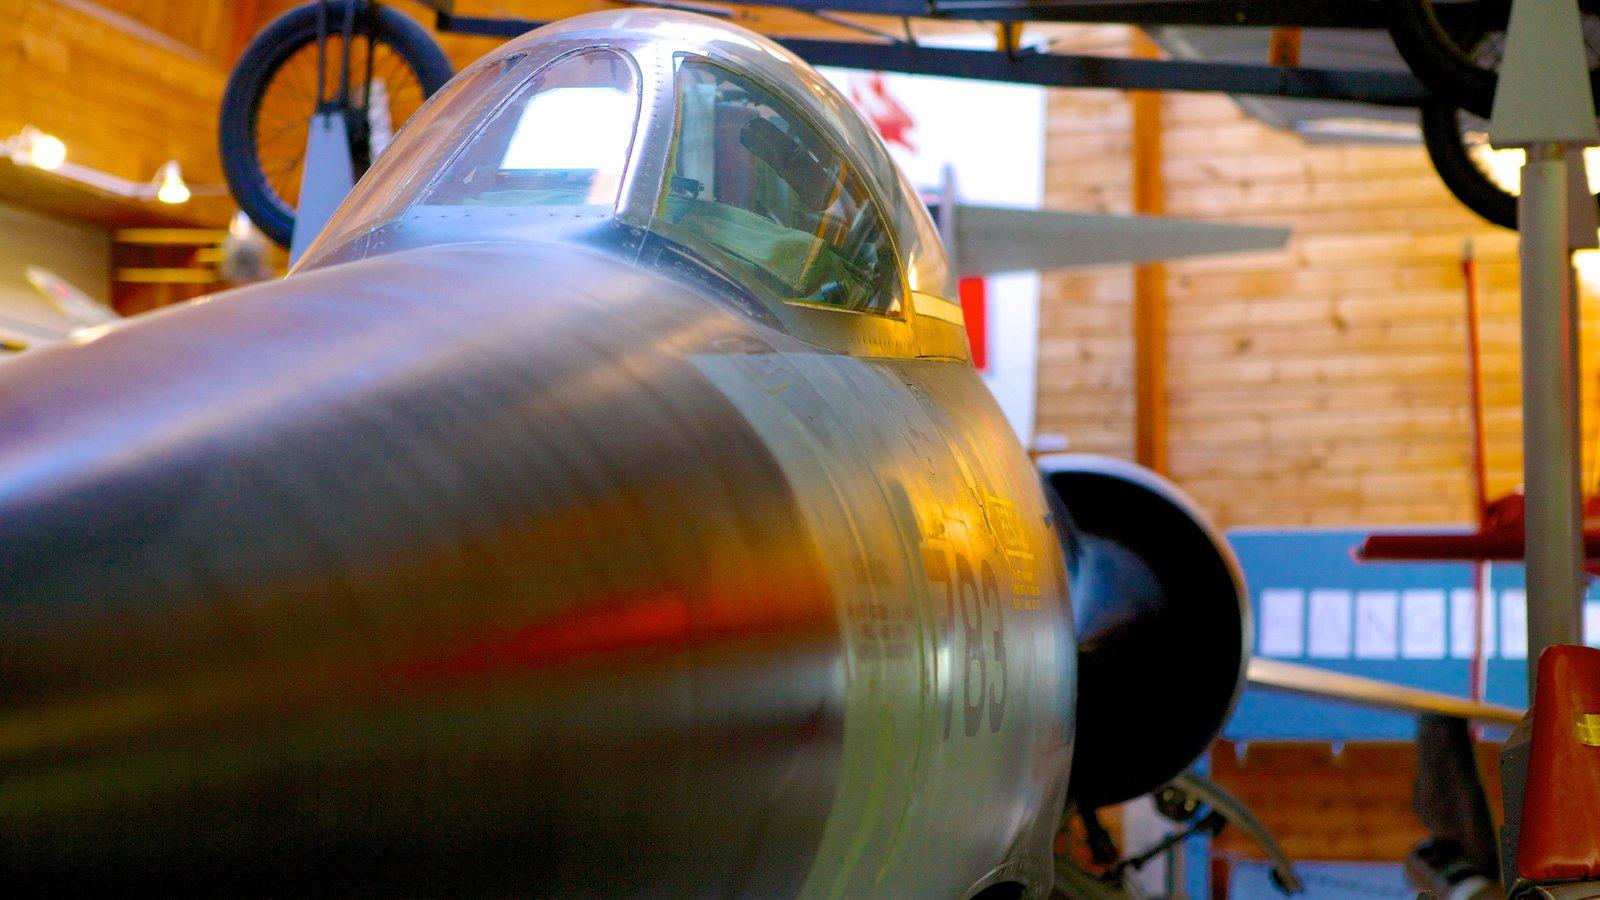 Atlantic Canada Aviation Museum mostrando aeronave y vistas interiores